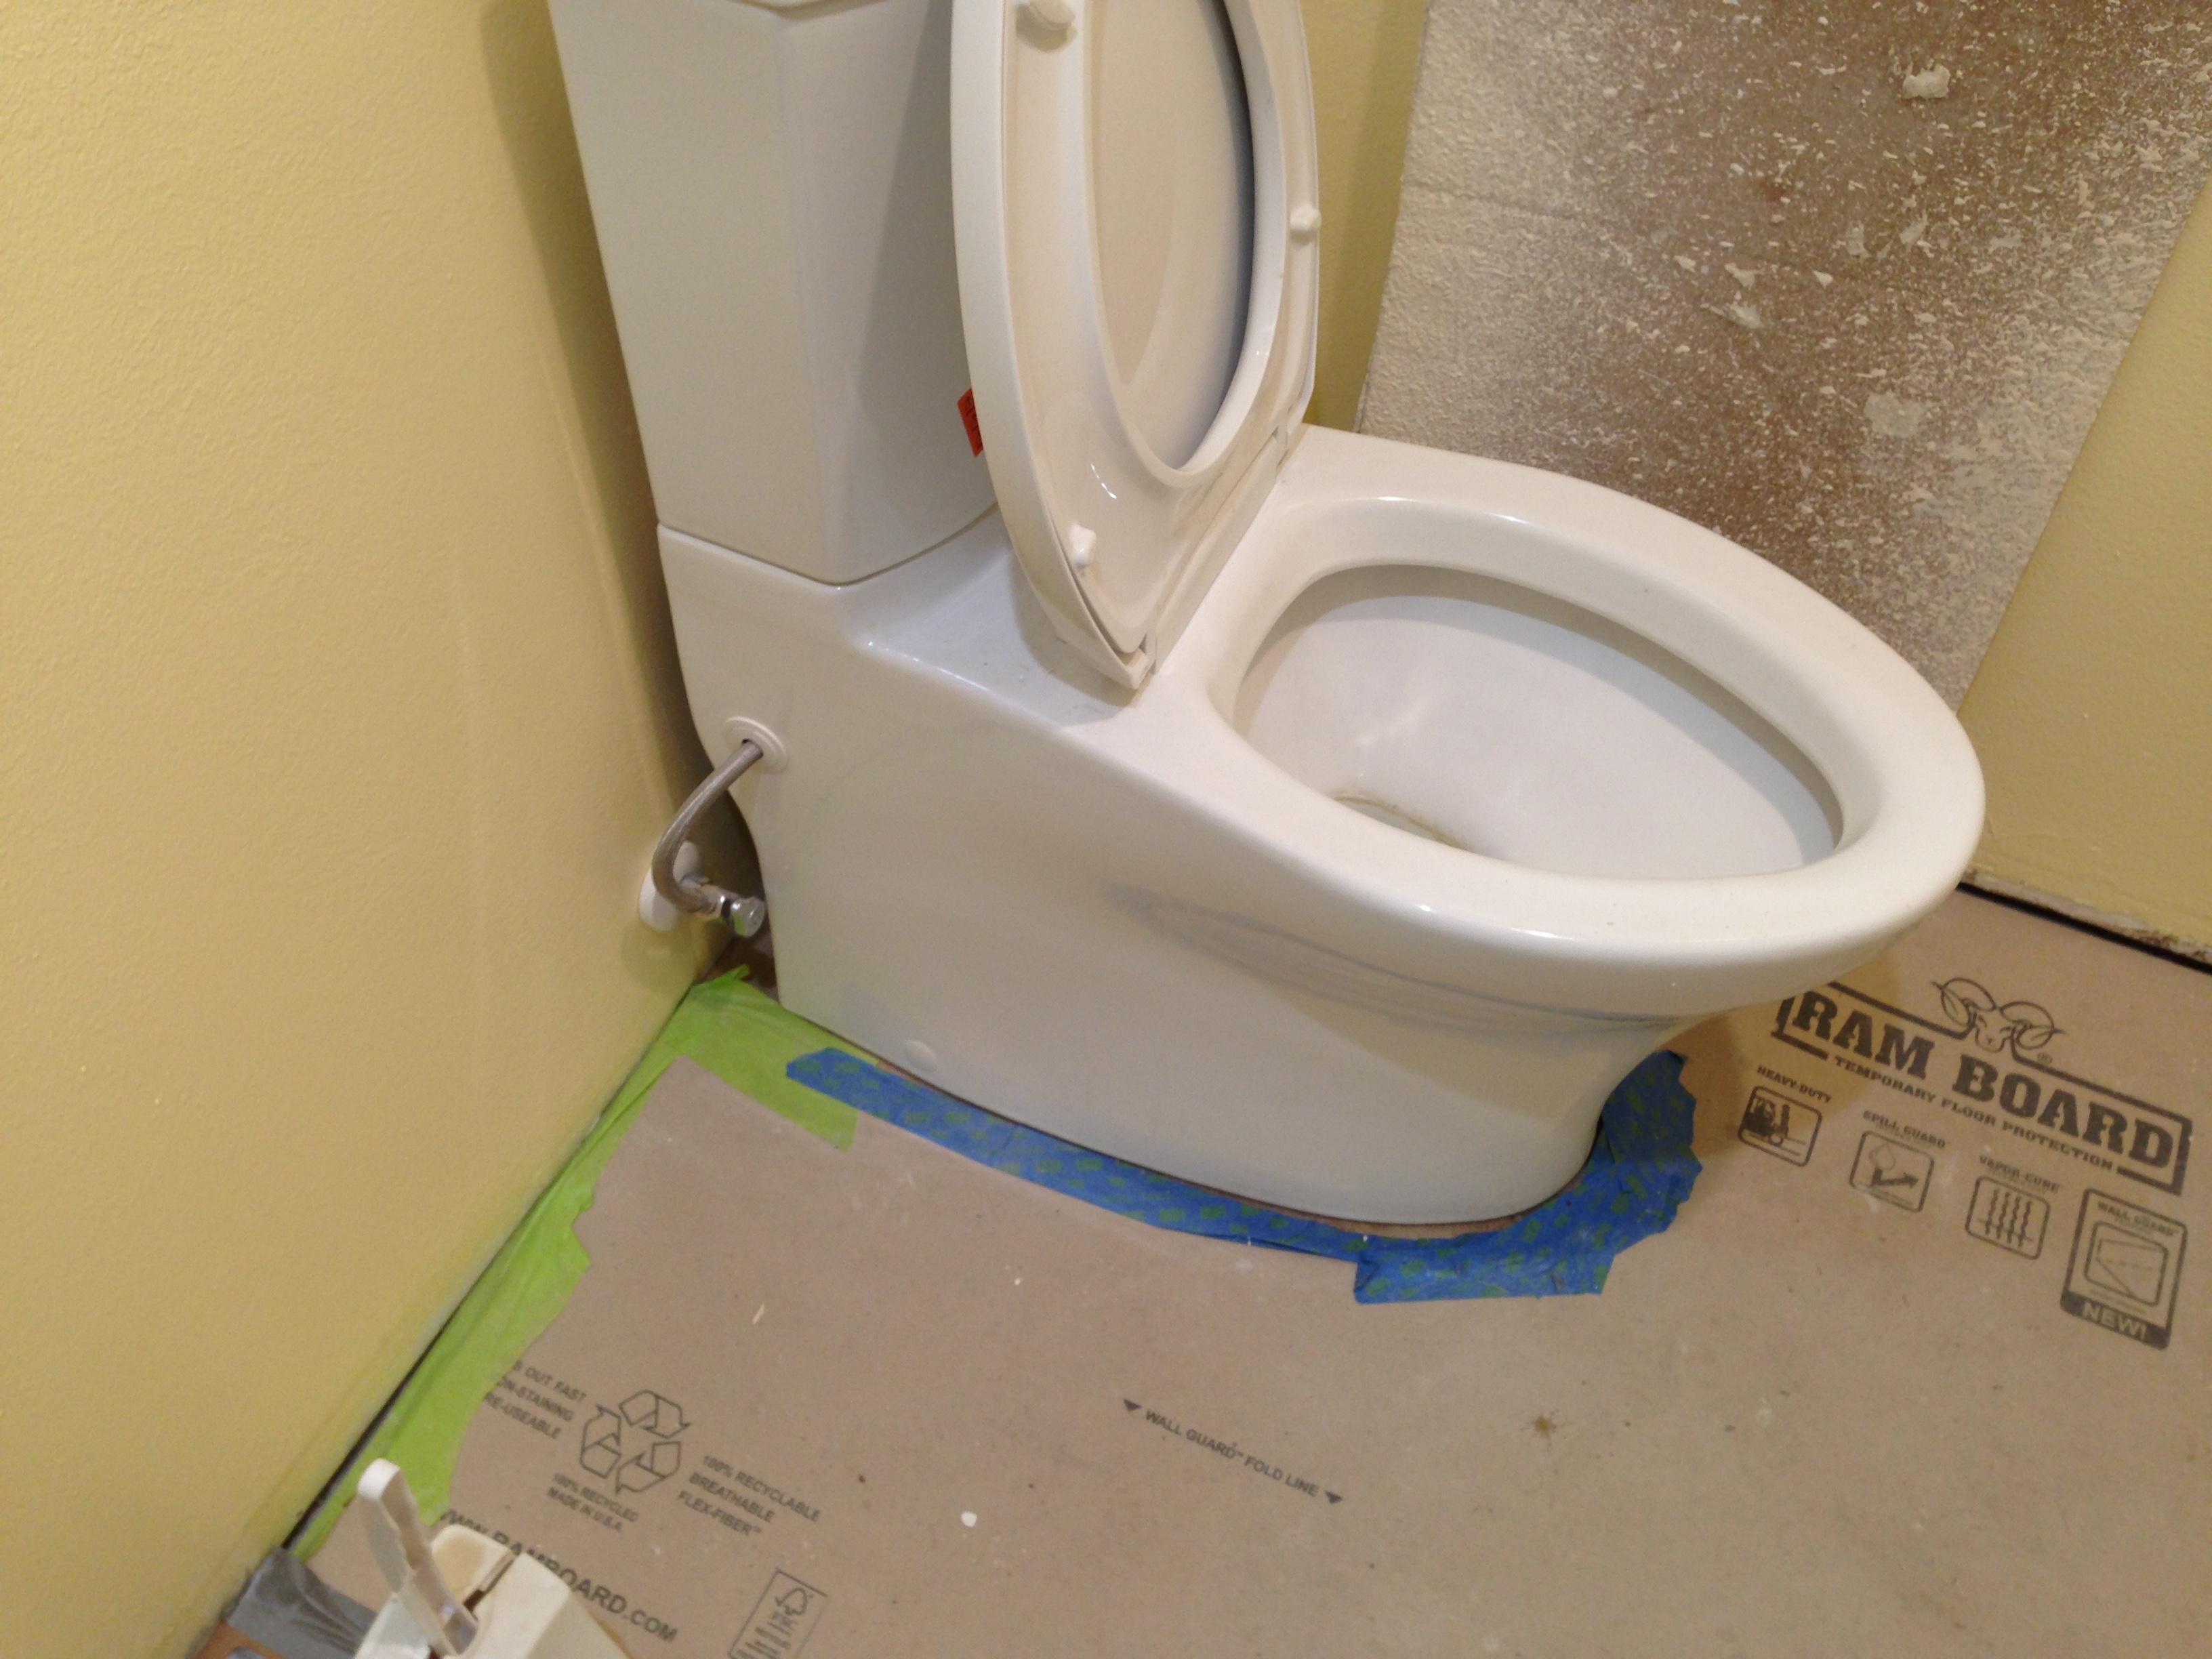 Bemis Toilet Seat Lowes Bemis Toilet Seats Lowes